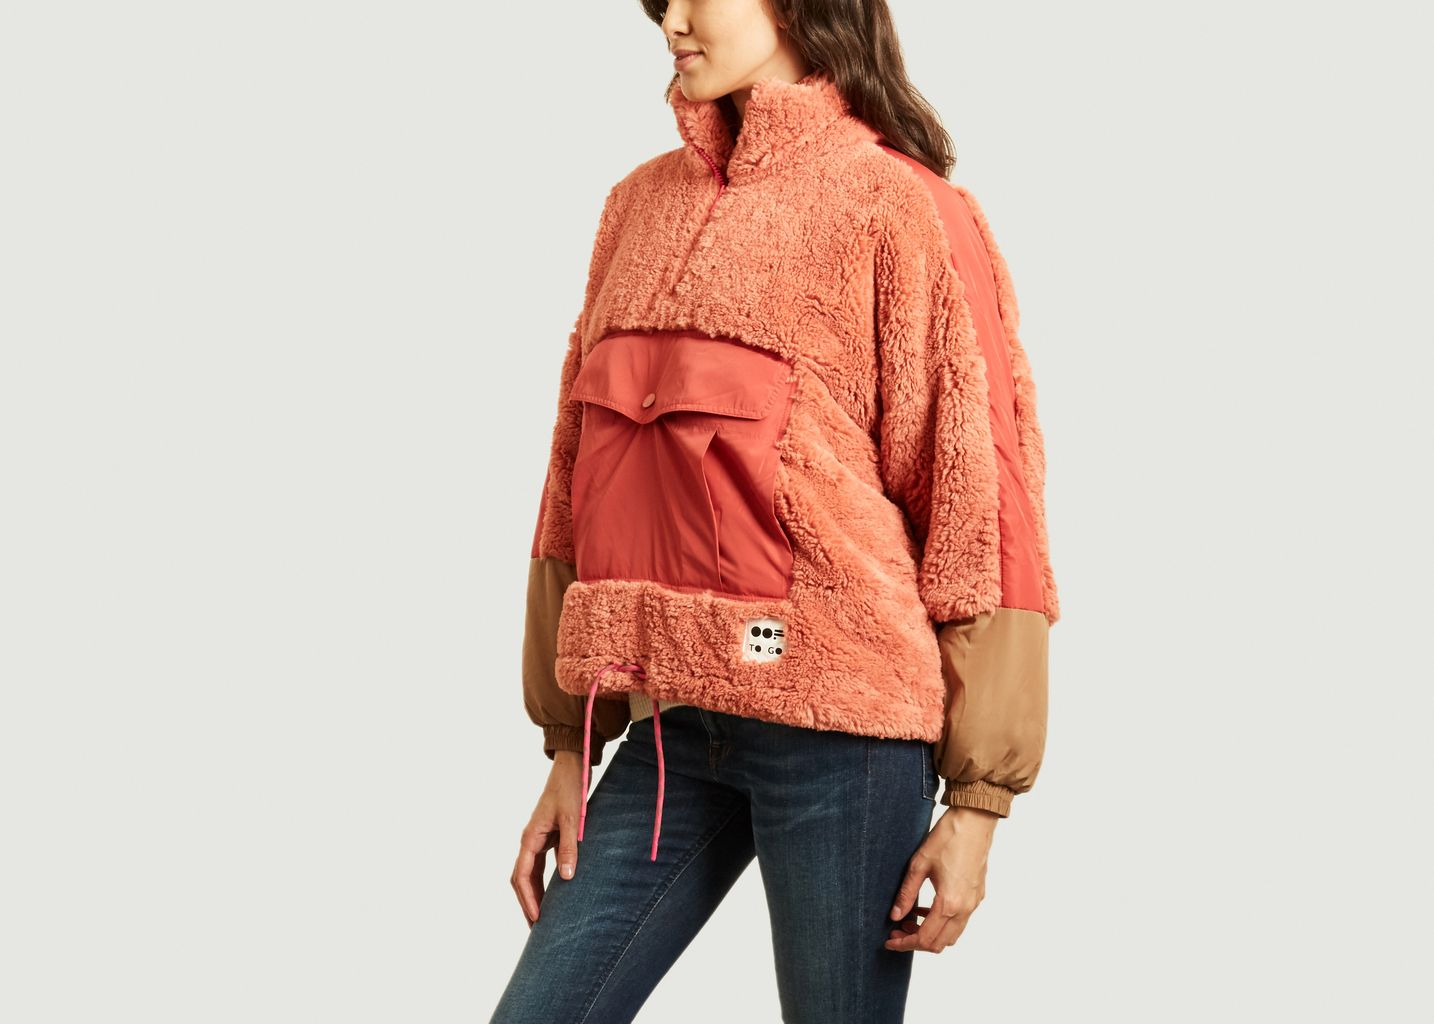 Sweatshirt 9018 oversize en fausse fourrure - OOF WEAR